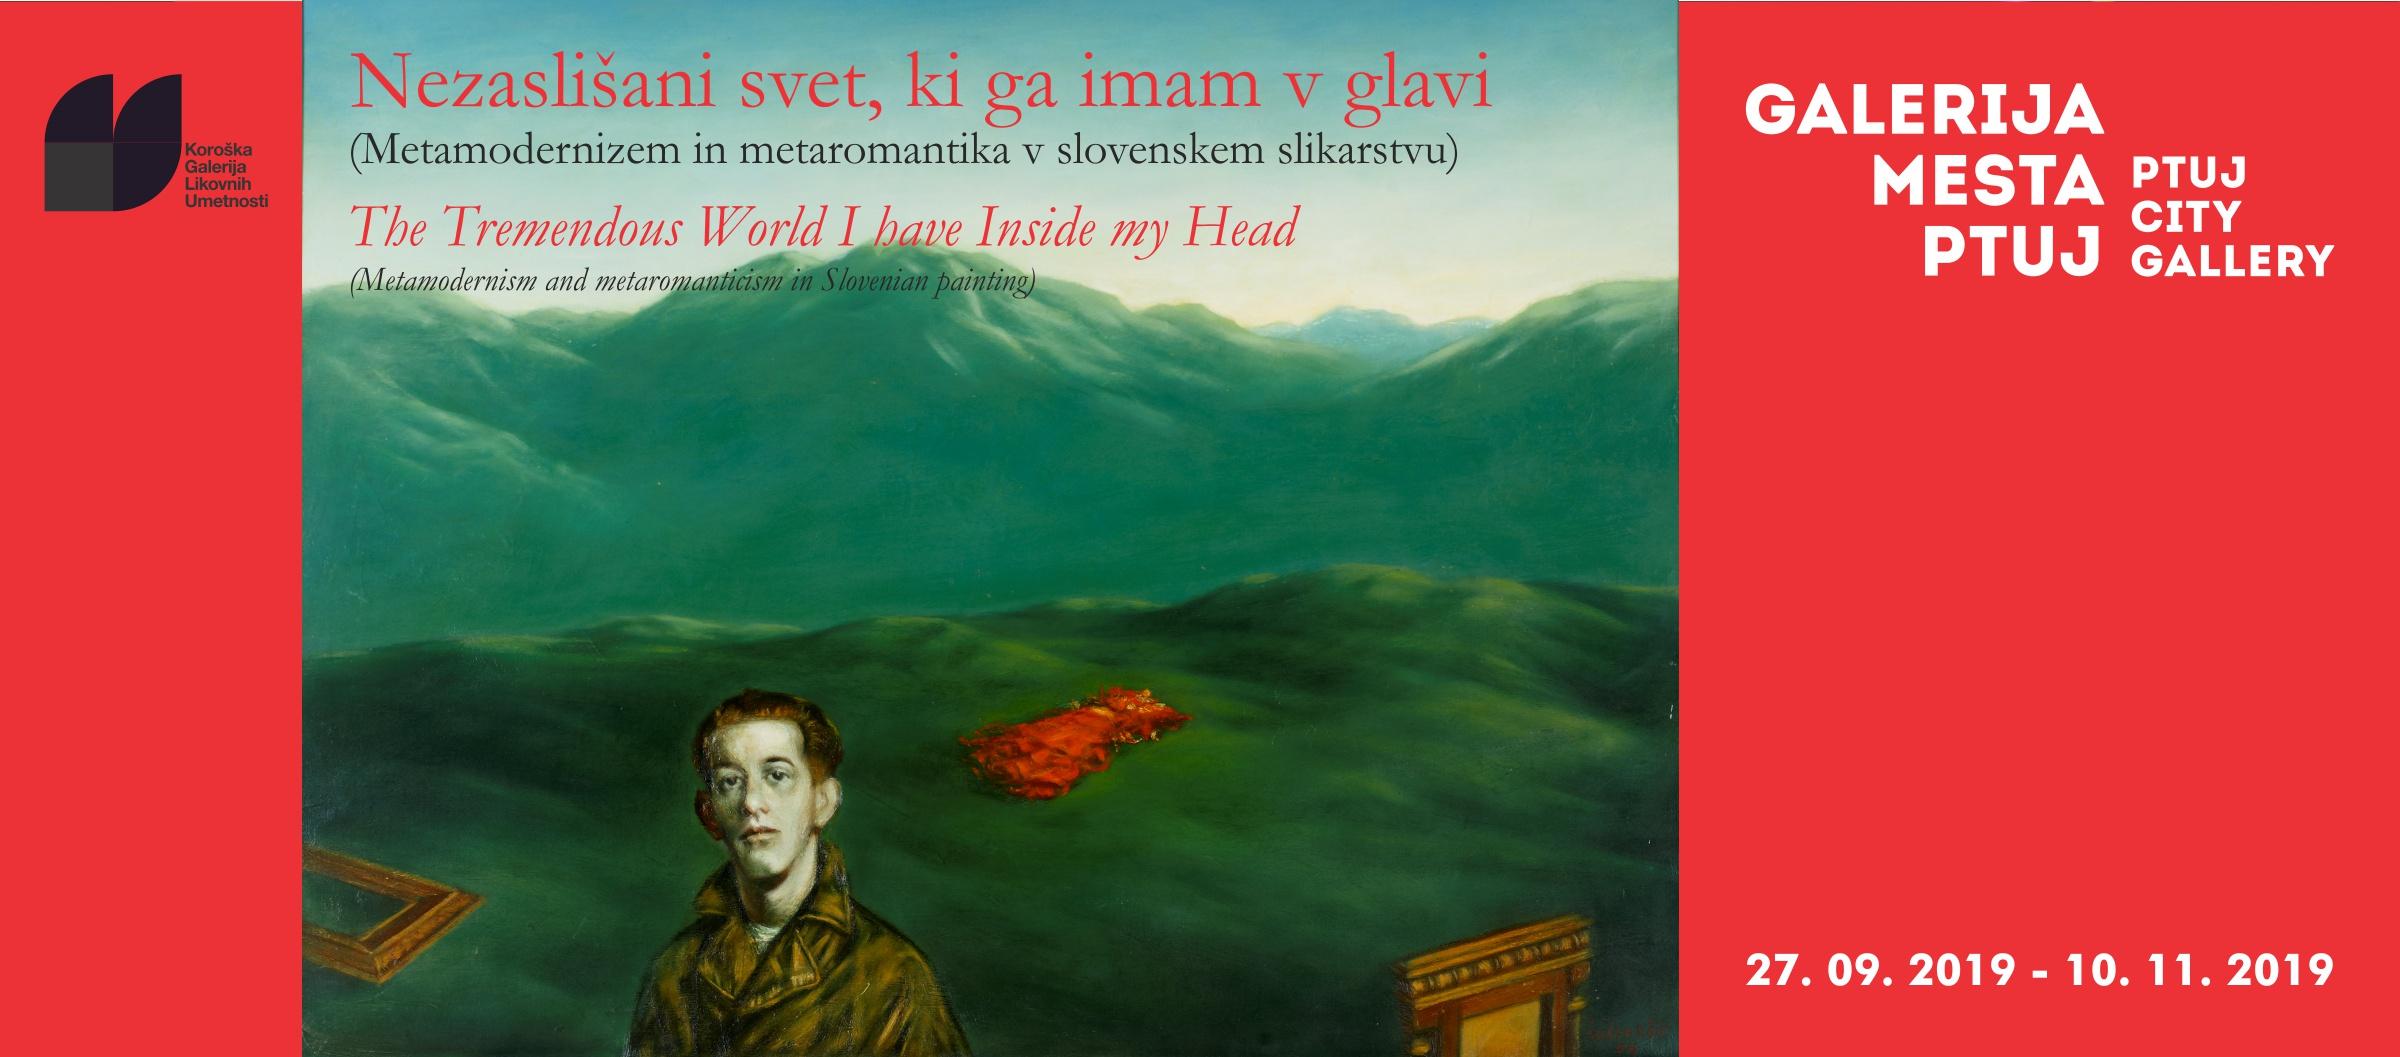 Nezaslišani svet, ki ga imam v glavi (Metamodernizem in metaromantika v slovenskem slikarstvu)